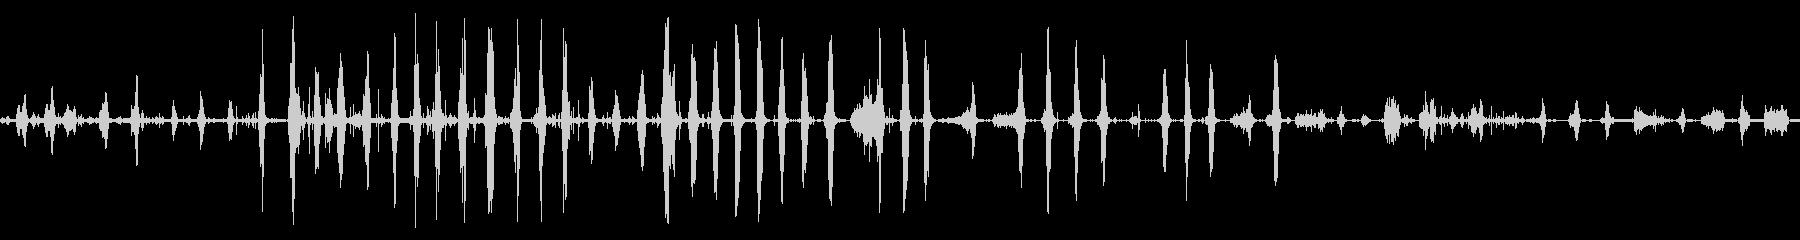 ピットブルドッグの綱引きの未再生の波形